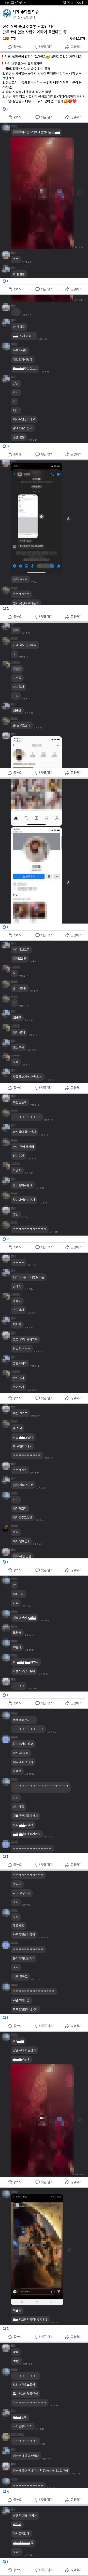 'X추 X나 빨게생겨야지' 난리난 진주 유명술집 단톡방 성희롱